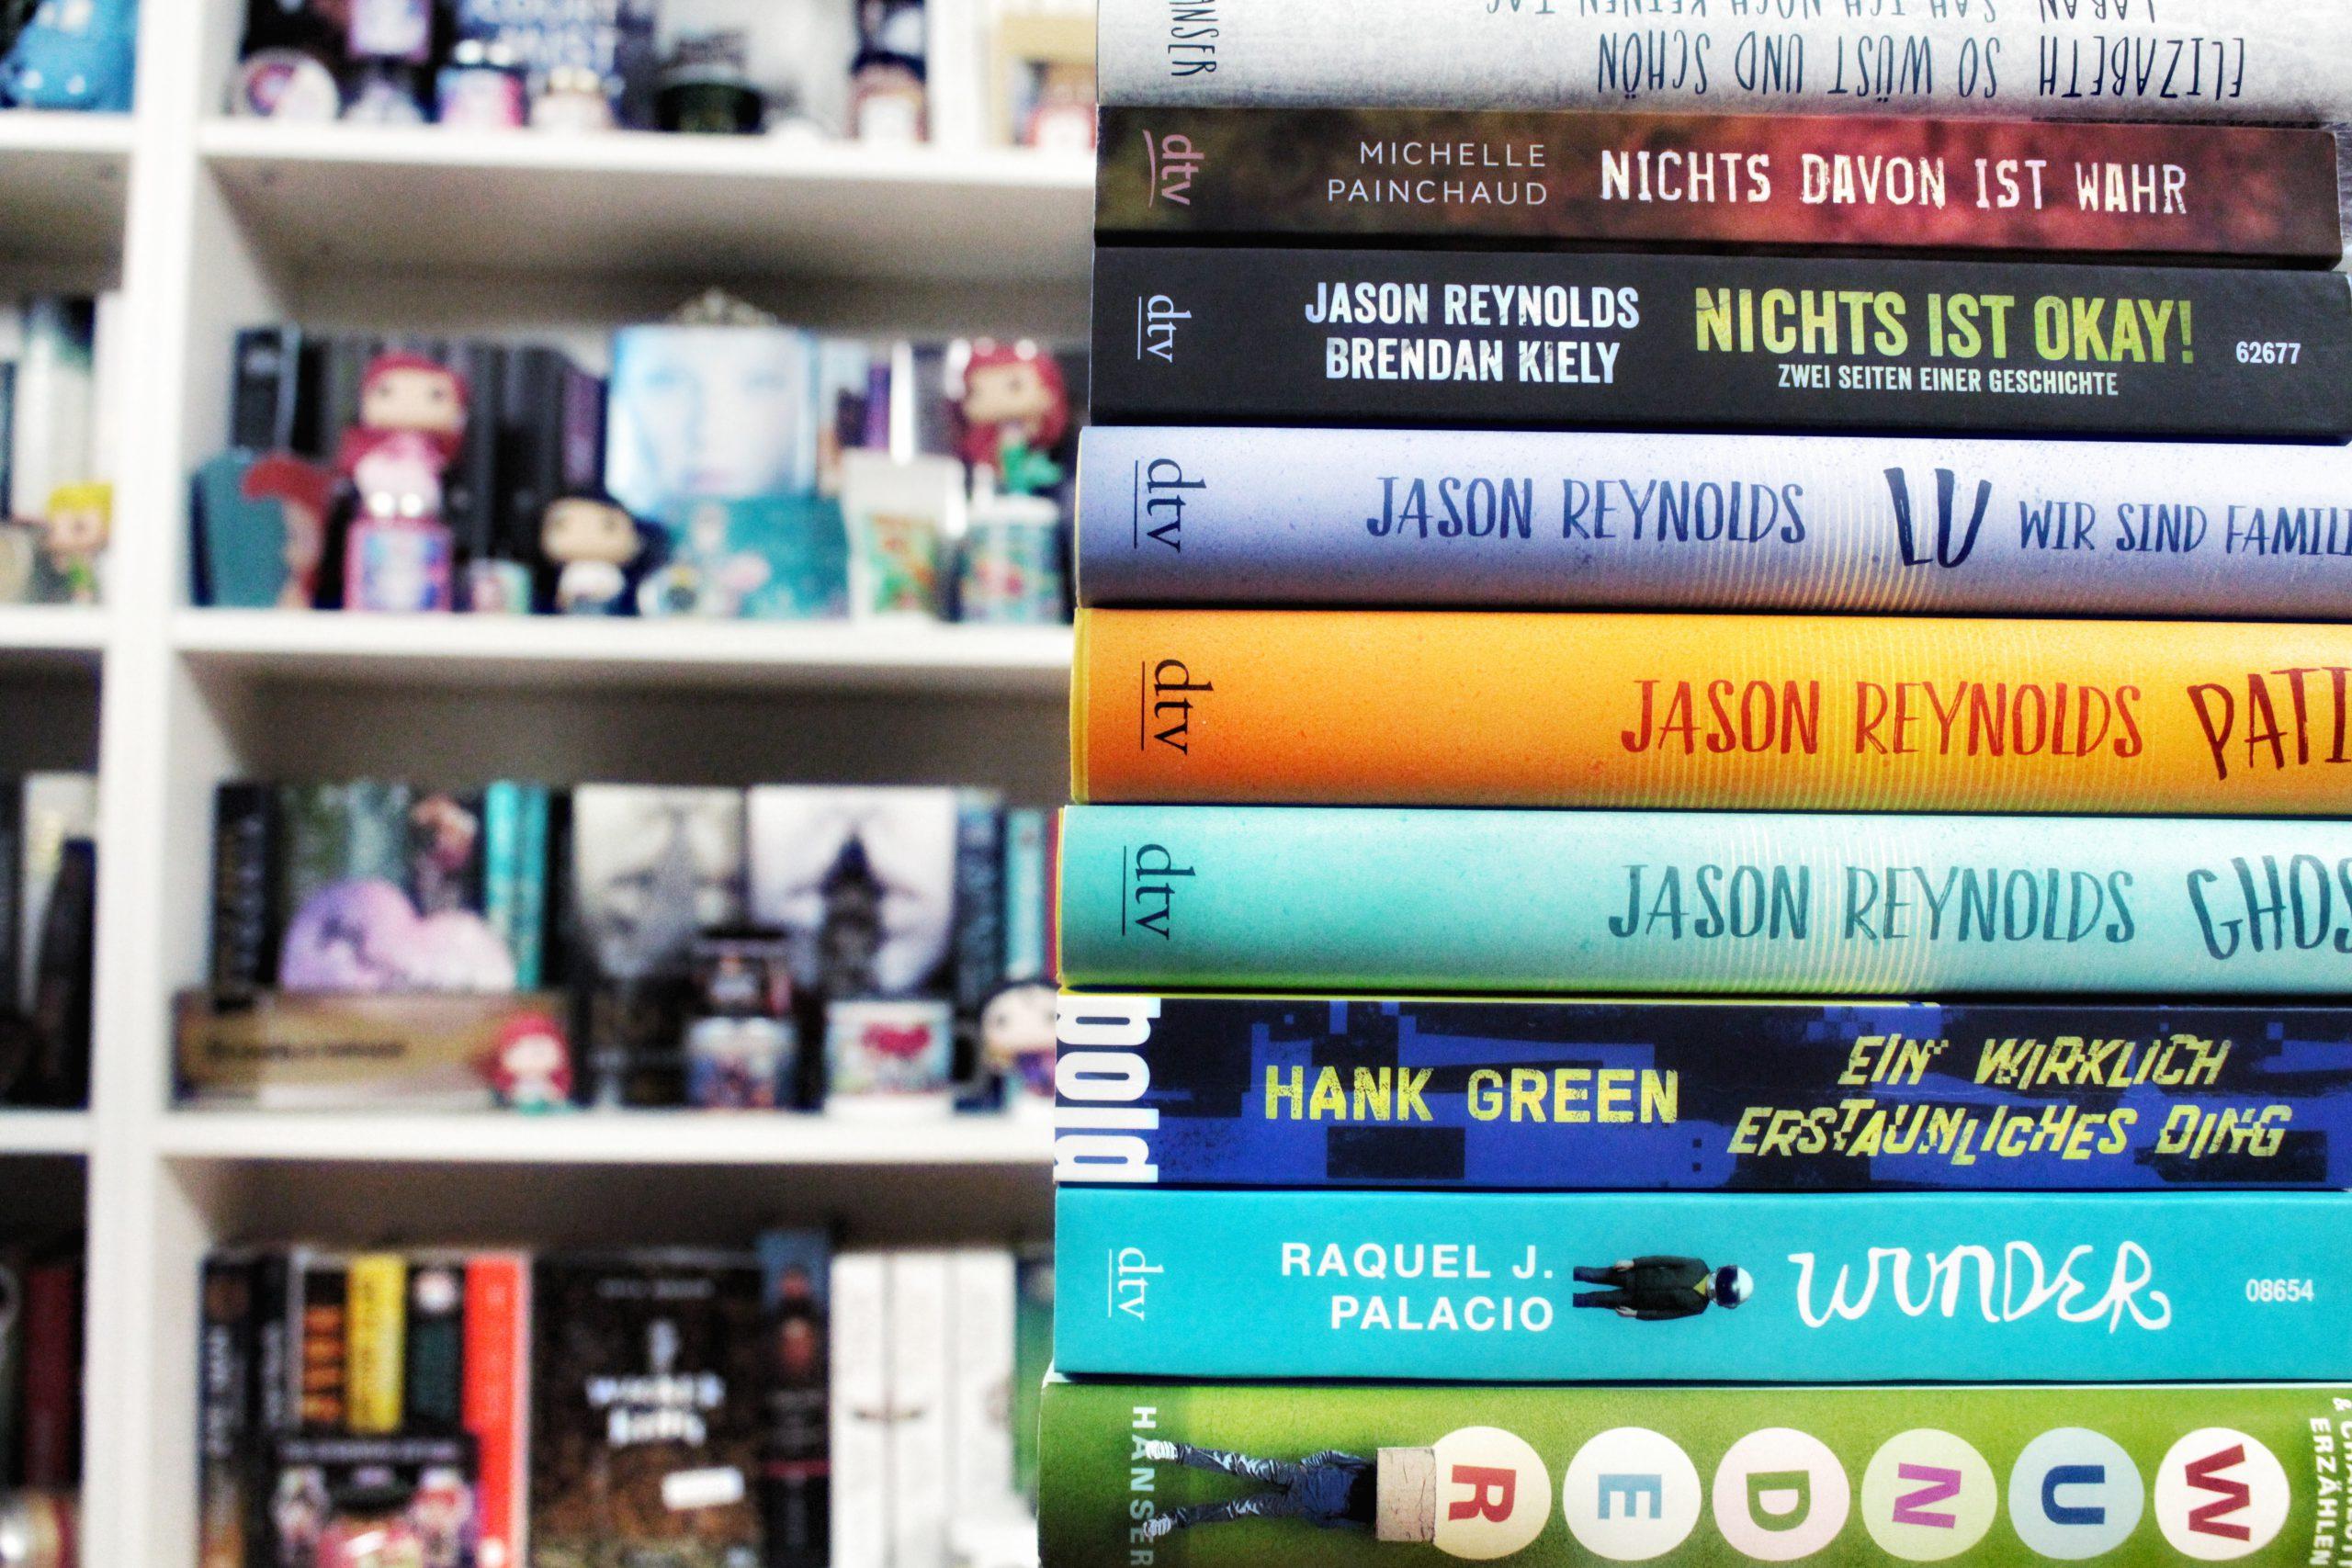 Meine Highlights | Verlagsprogramm dtv & bold